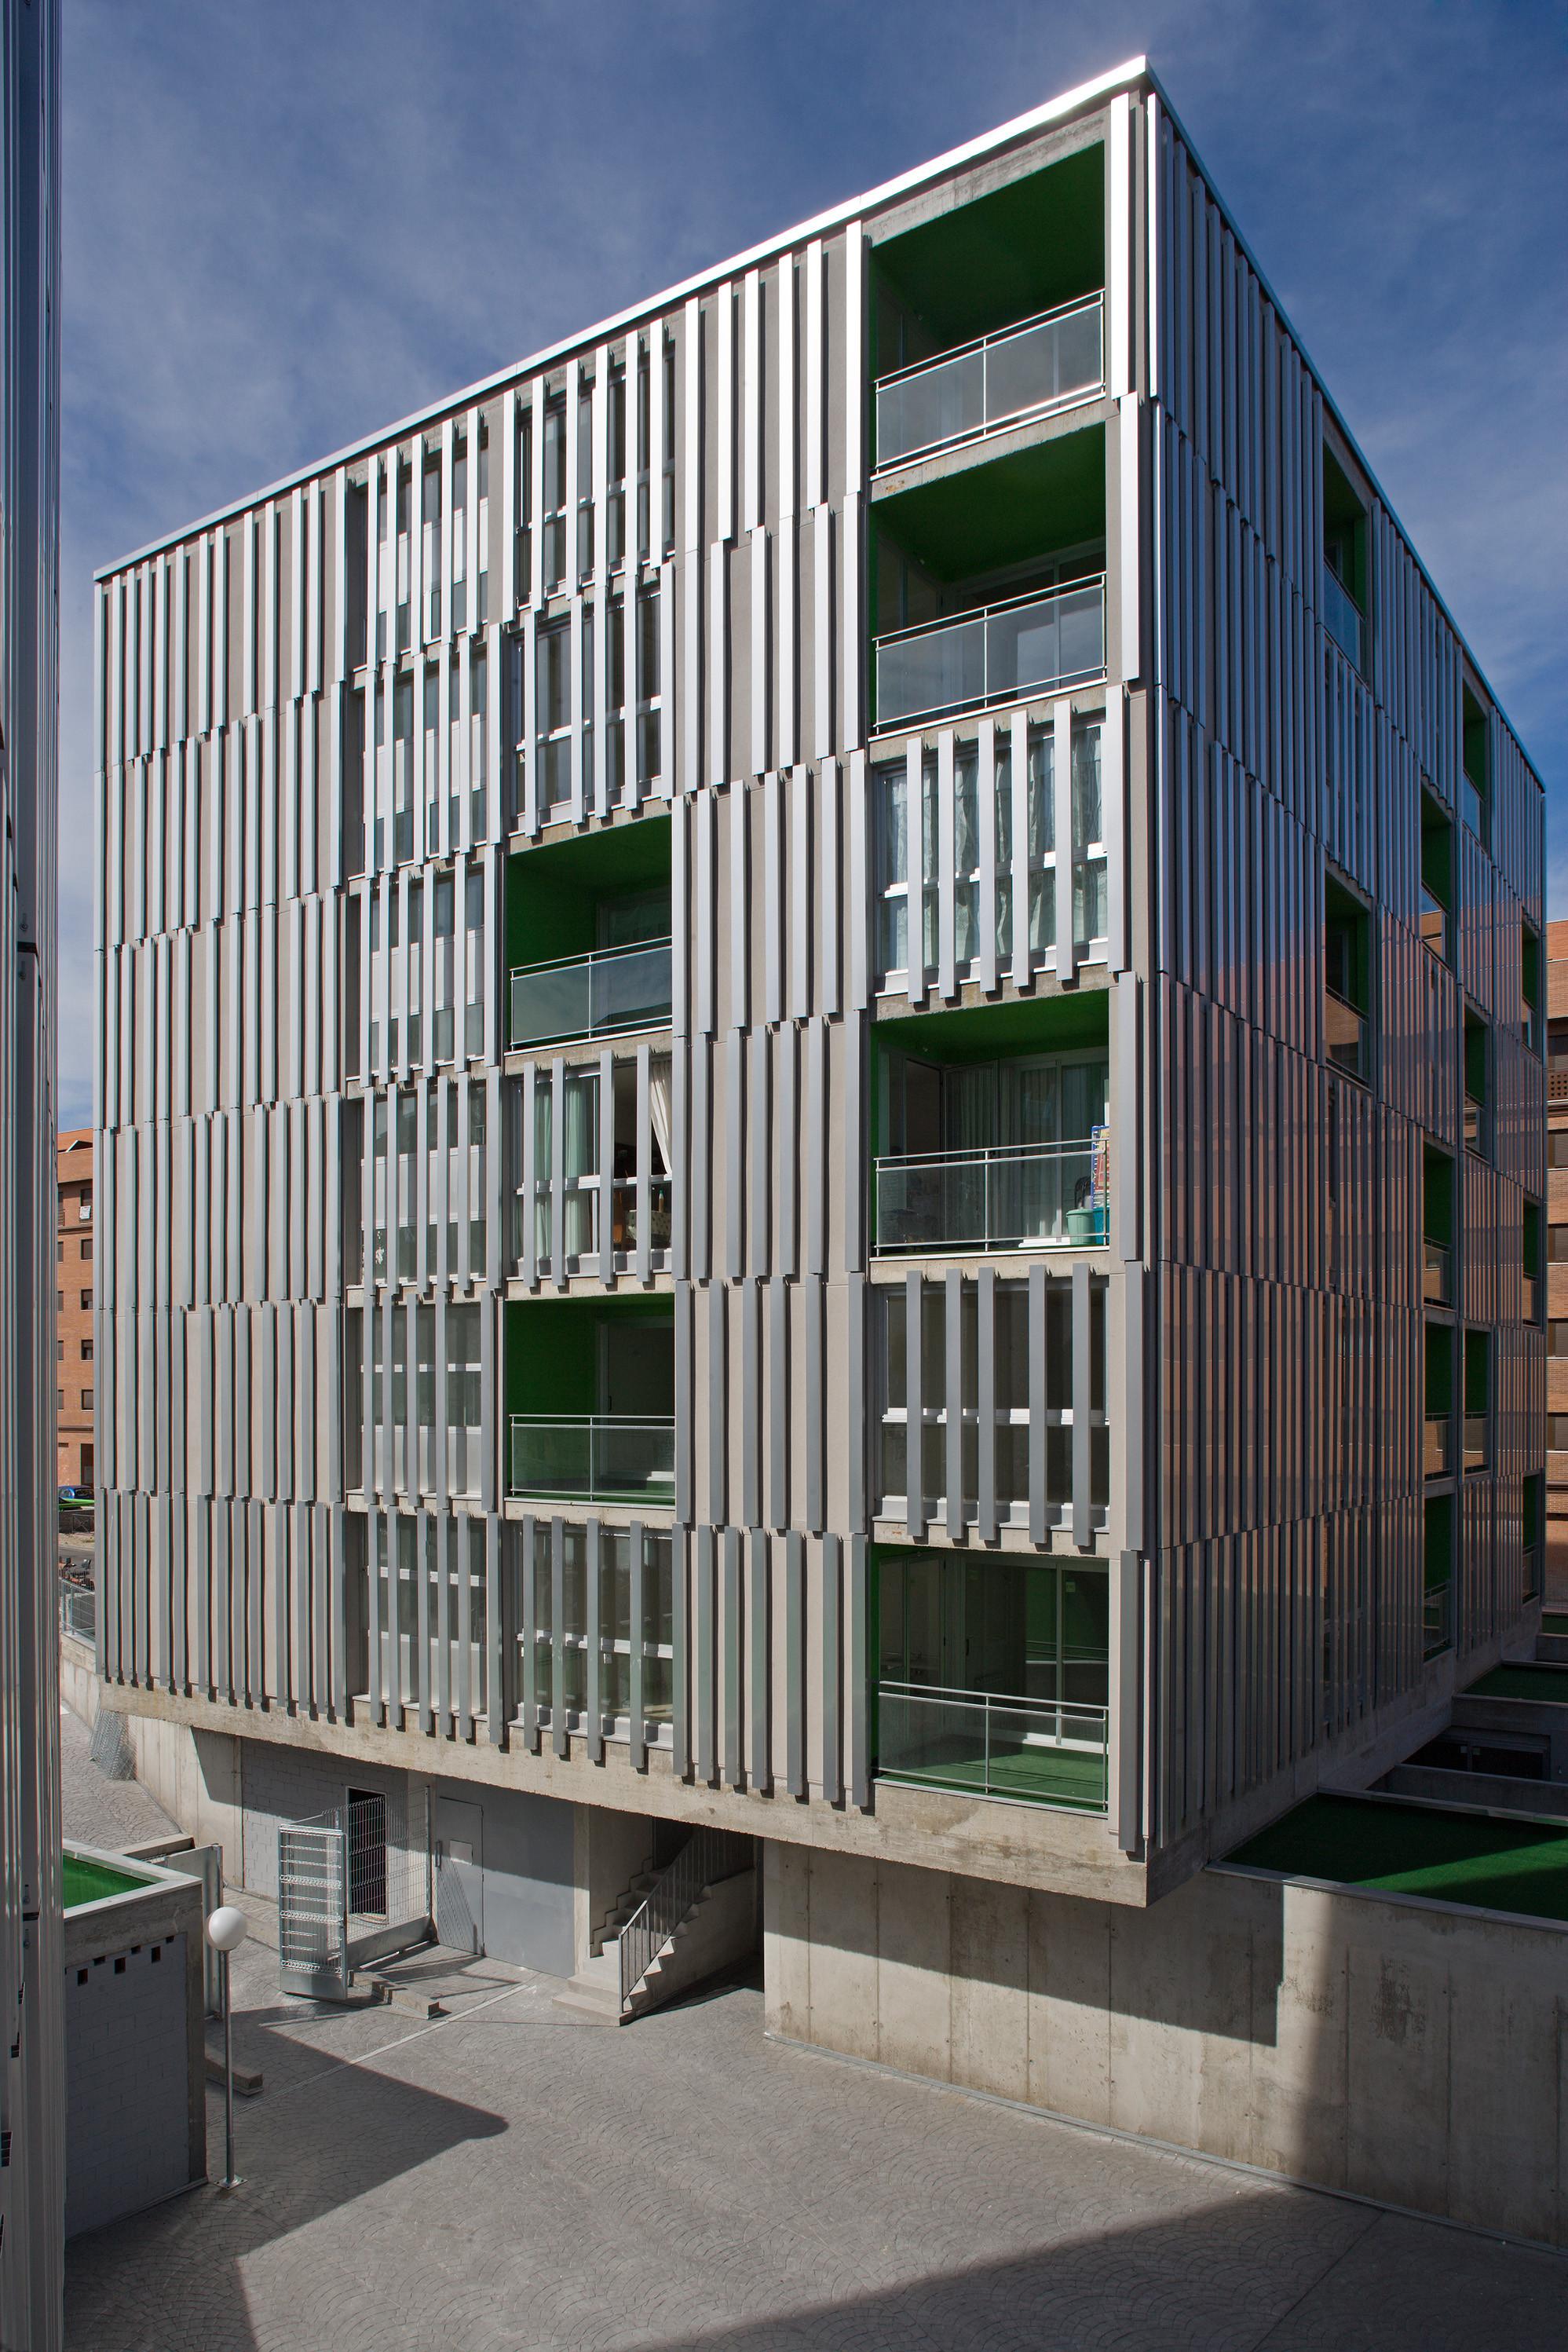 156 Viviendas Transitorias en Parla / Rueda Pizarro Arquitectos SLP, © Miguel de Guzmán